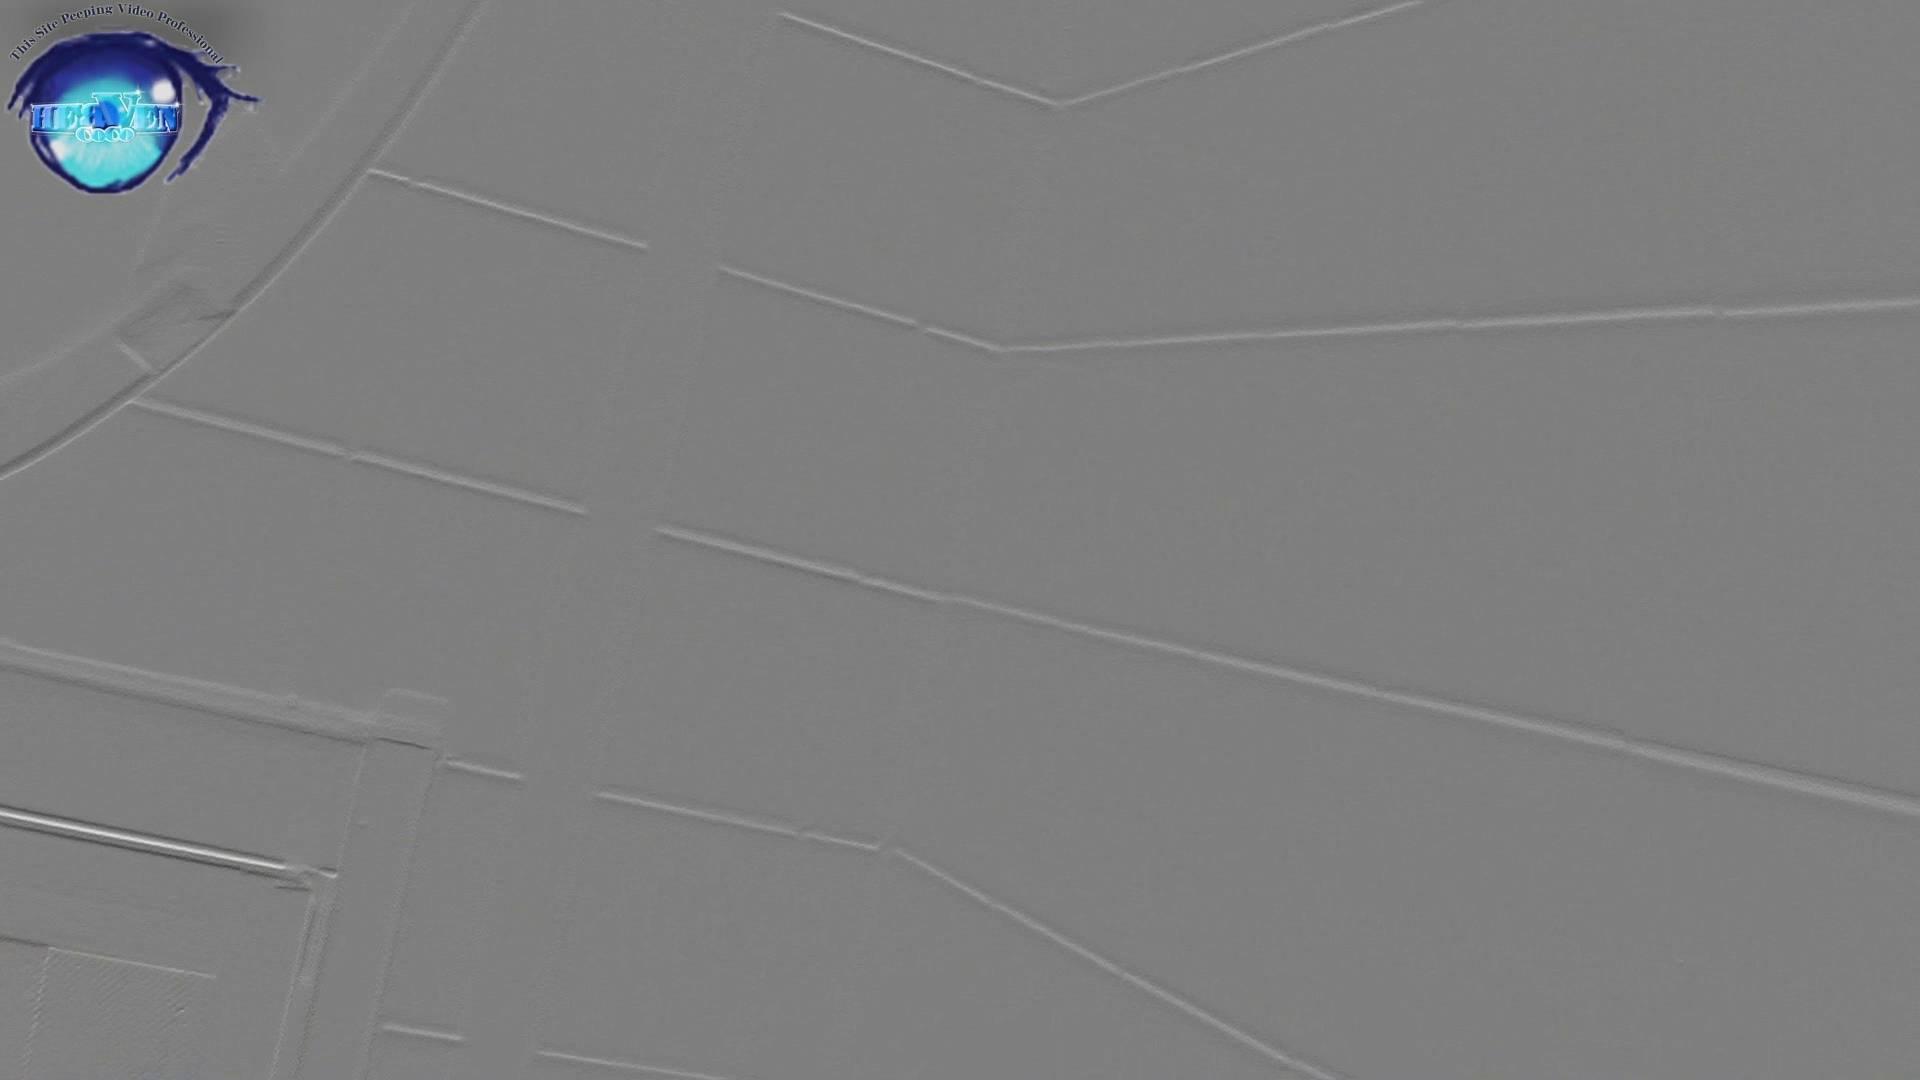 「洗面所突入レポート!!」vol.56まず並ぶ所から!決して真似しないでください後編 OLセックス  86画像 2